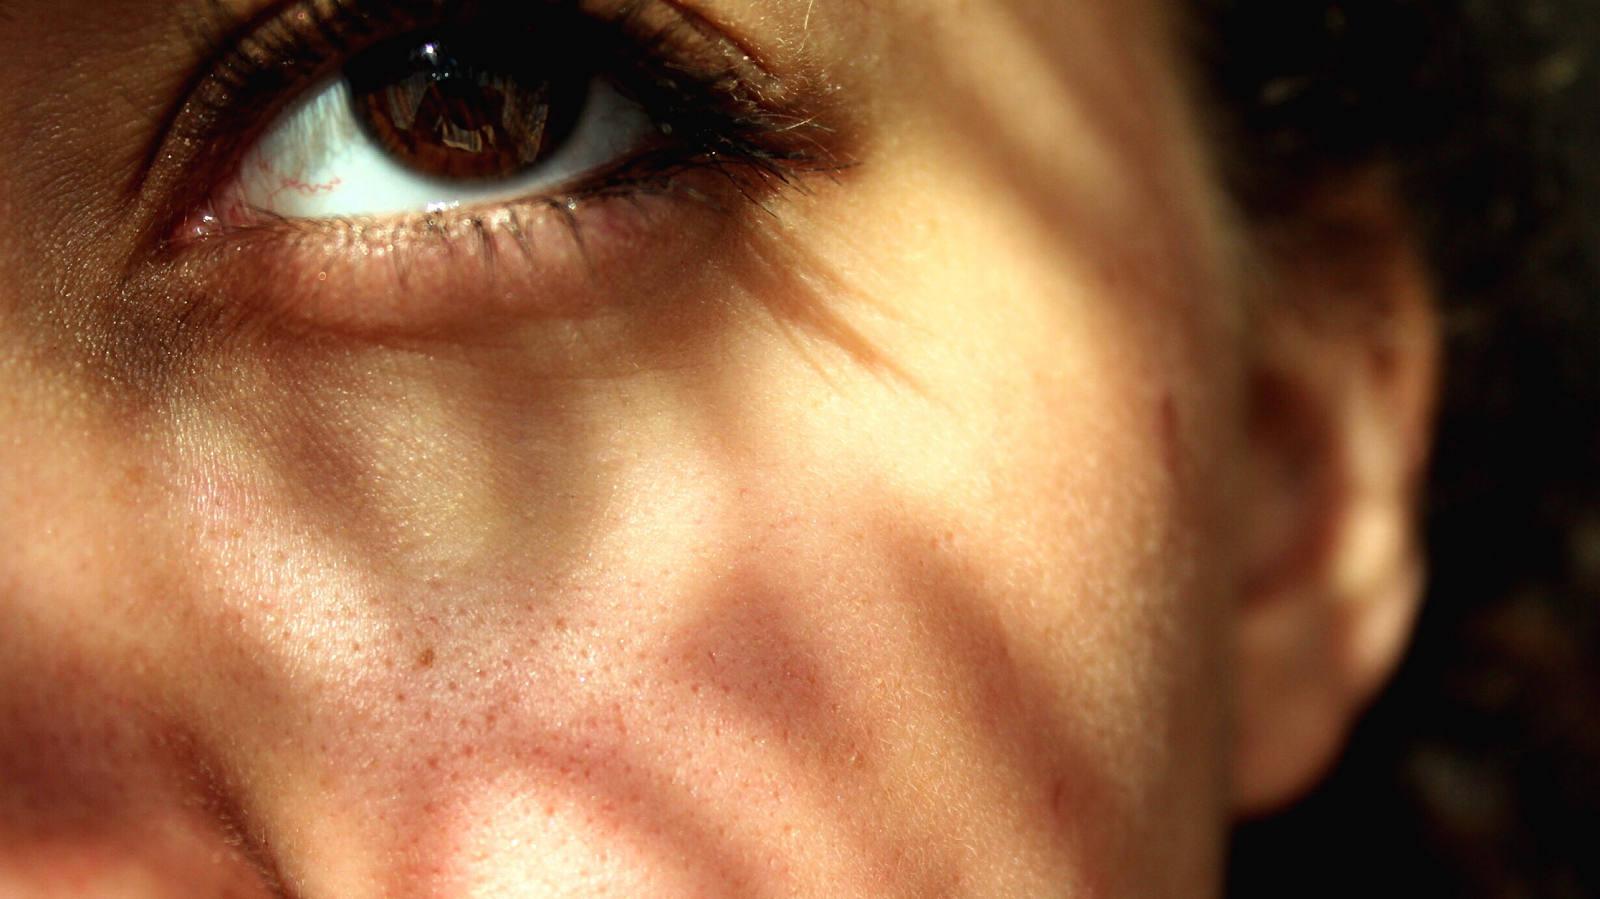 Sonnenallergie: wenn es brennt auf der Haut